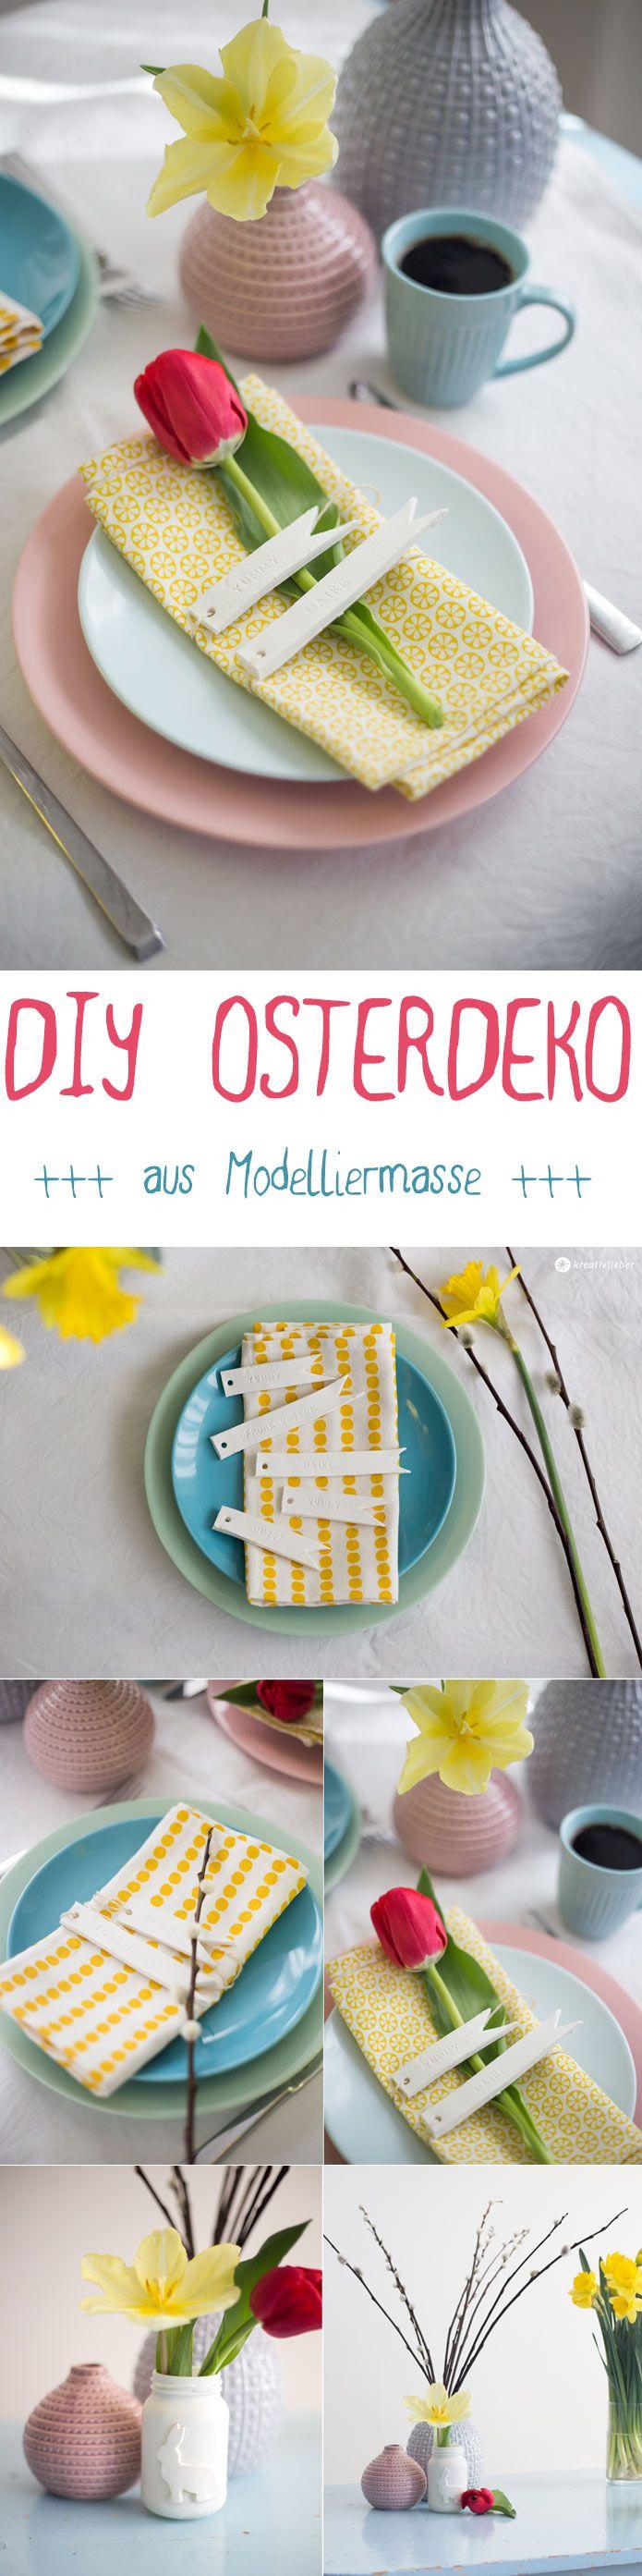 DIY Osterdeko Ideen aus Modelliermasse [DIY Tischkärtchen und Vase für das Osterfrühstück oder den Osterbrunch] Kreativfieber